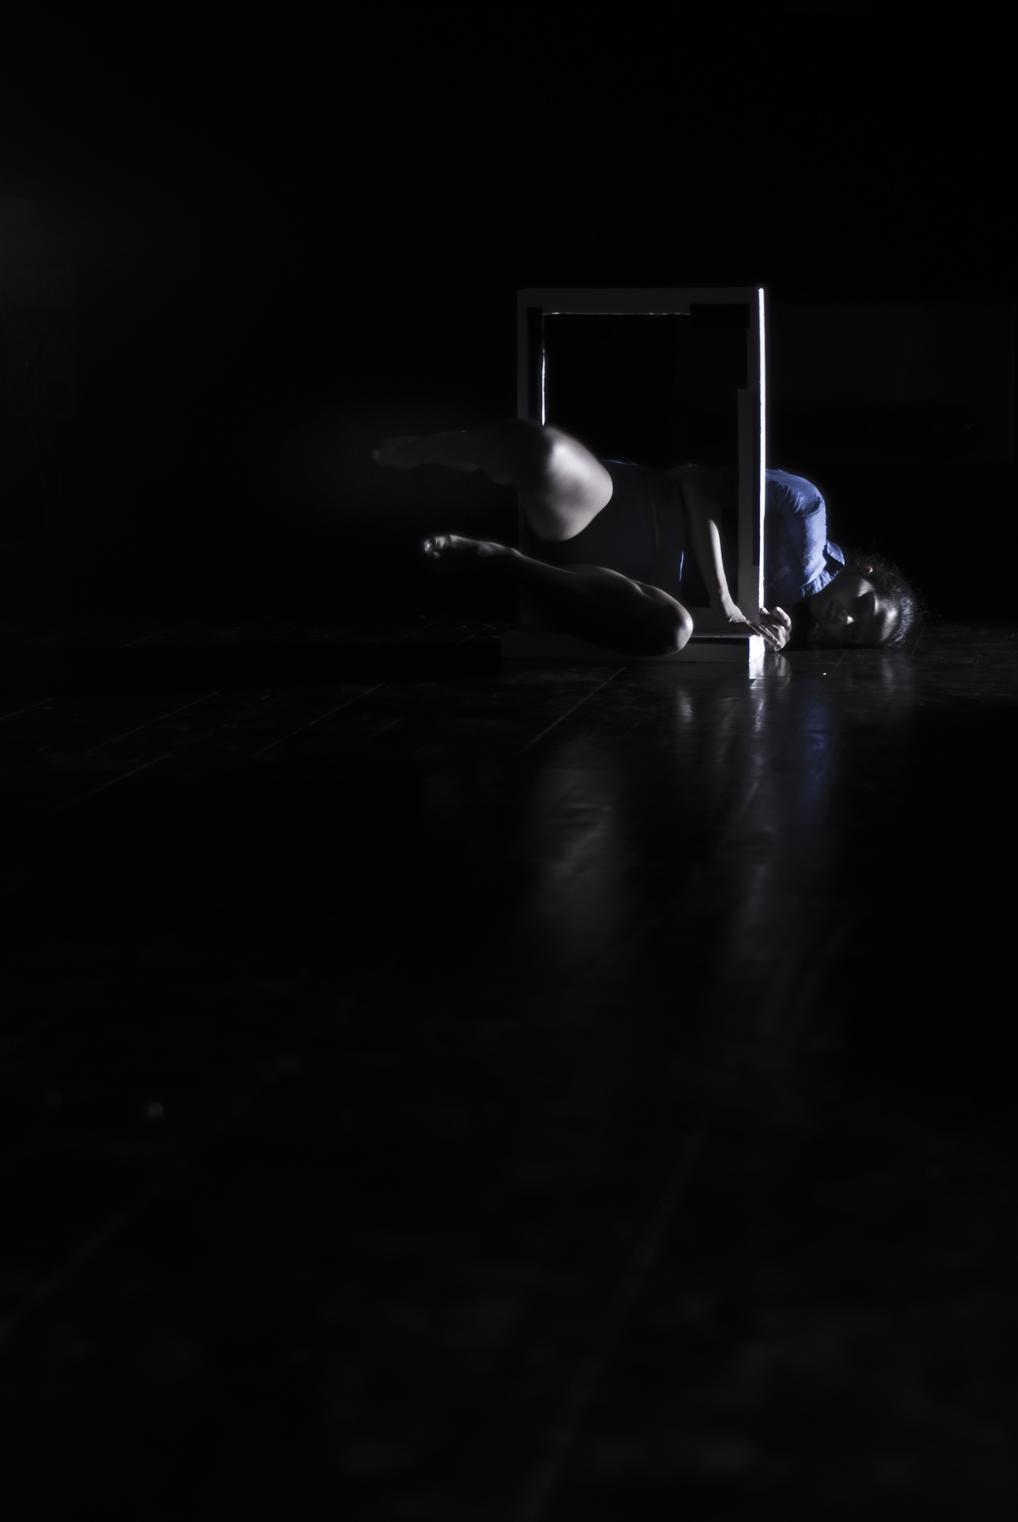 Autòs \ Spazi sottolineati – Dance (17 images)